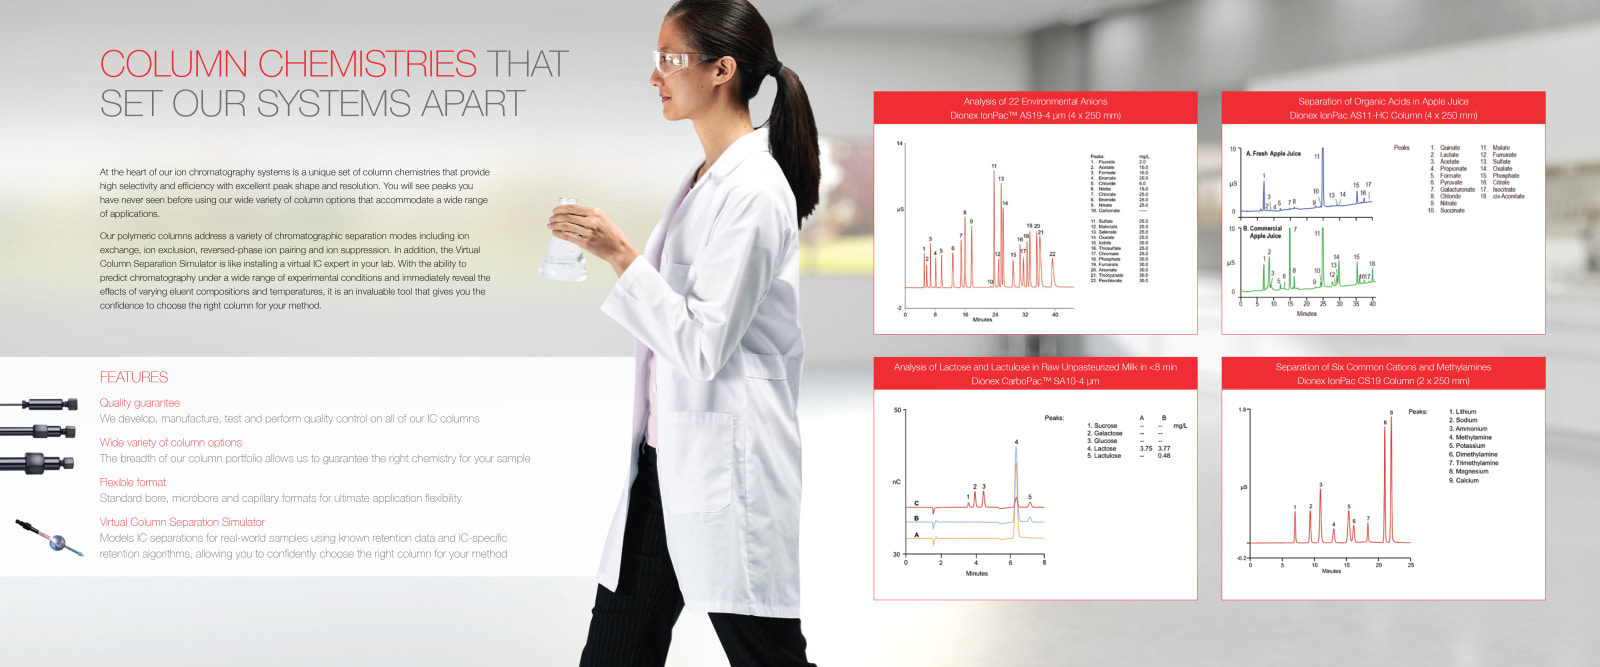 Thermo Scientific Brochure Eighth Spread